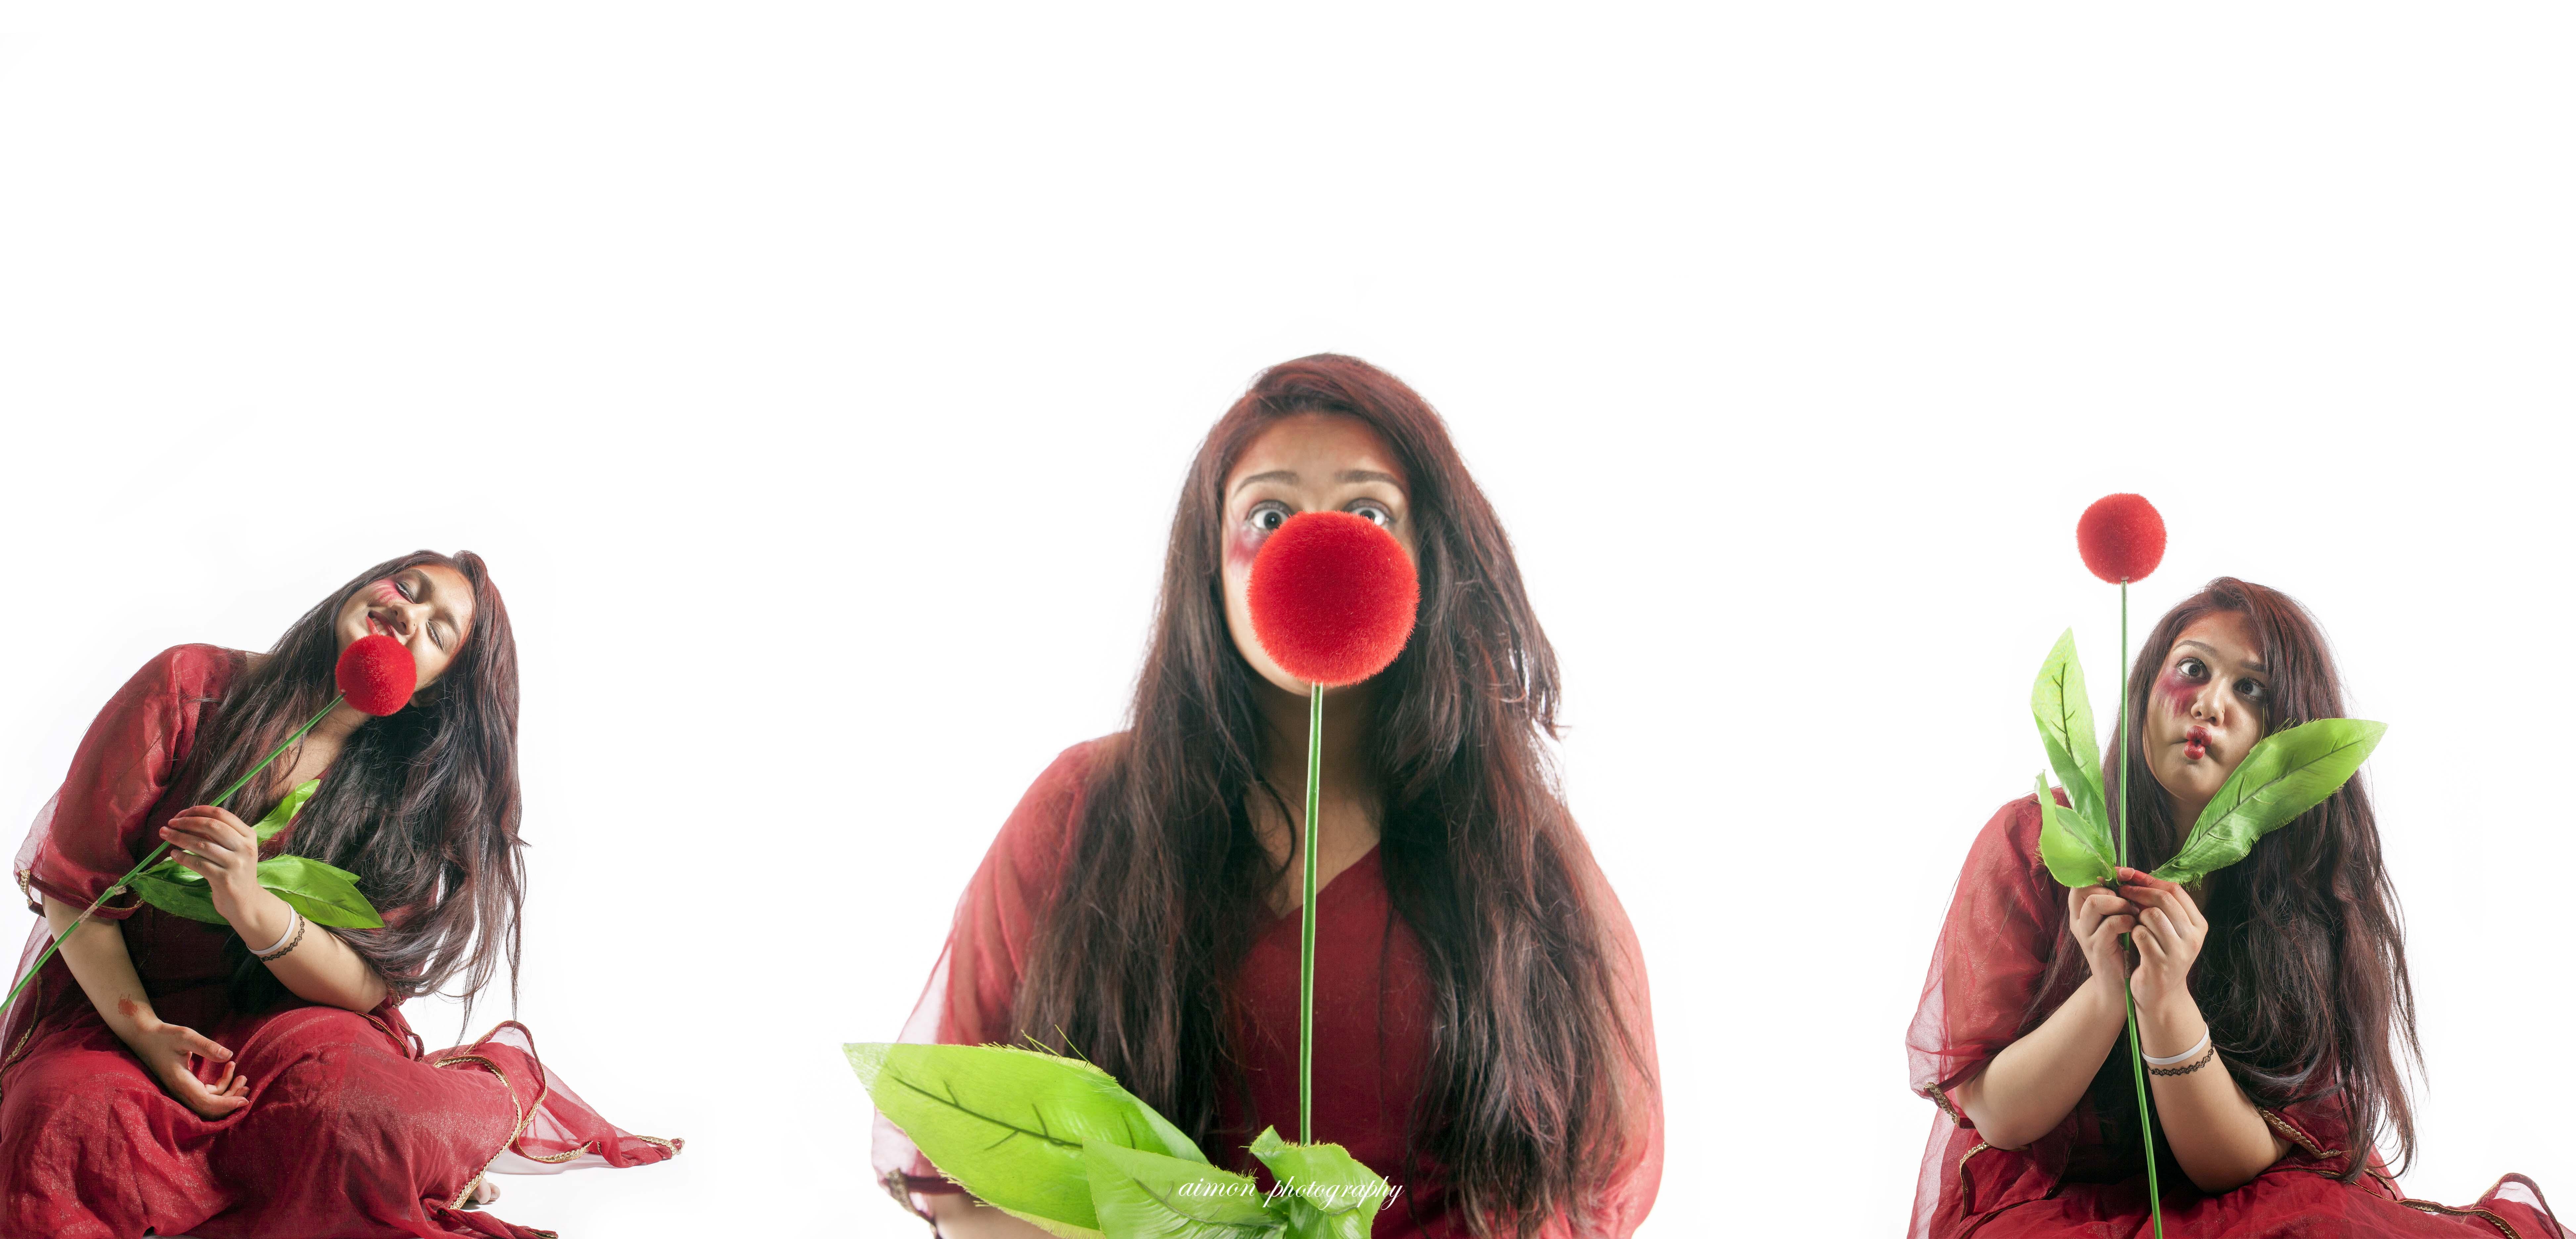 Poppy Three